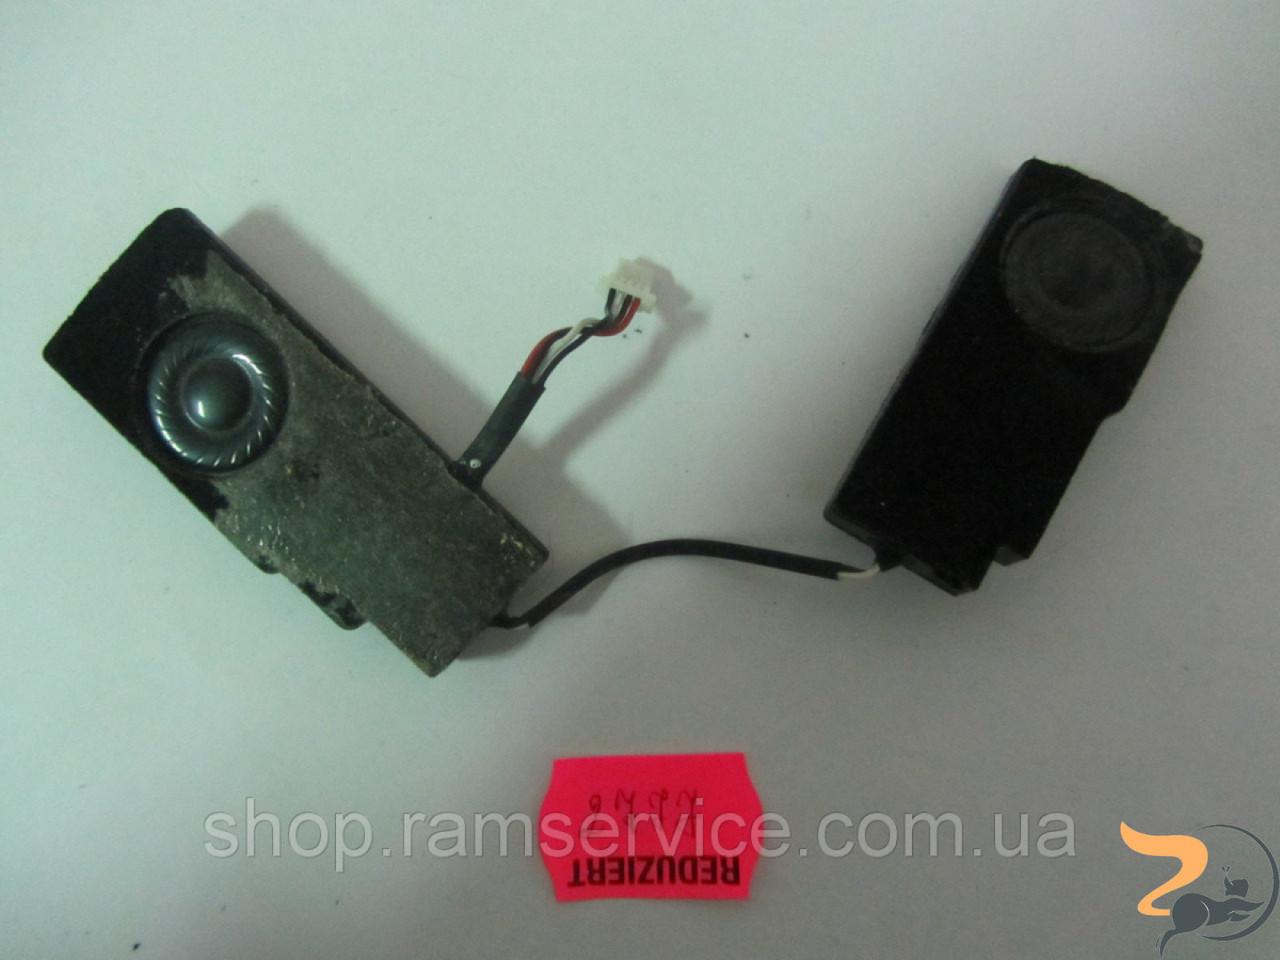 Динаміки Asus Eee PC 900, б/в